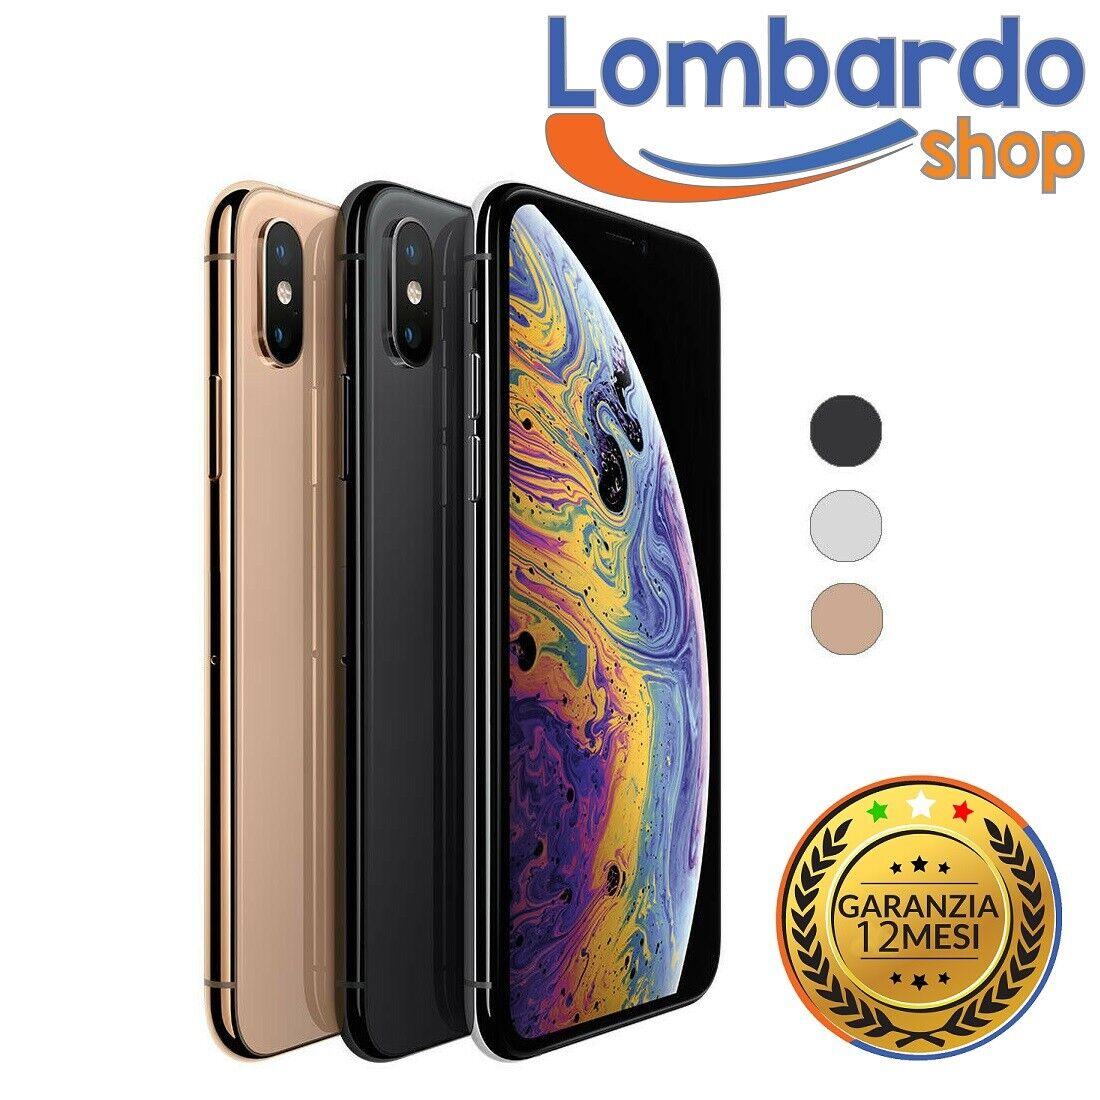 iPhone: IPHONE XS RICONDIZIONATO 64GB GRADO B BIANCO NERO ORO APPLE RIGENERATO ORIGINALE